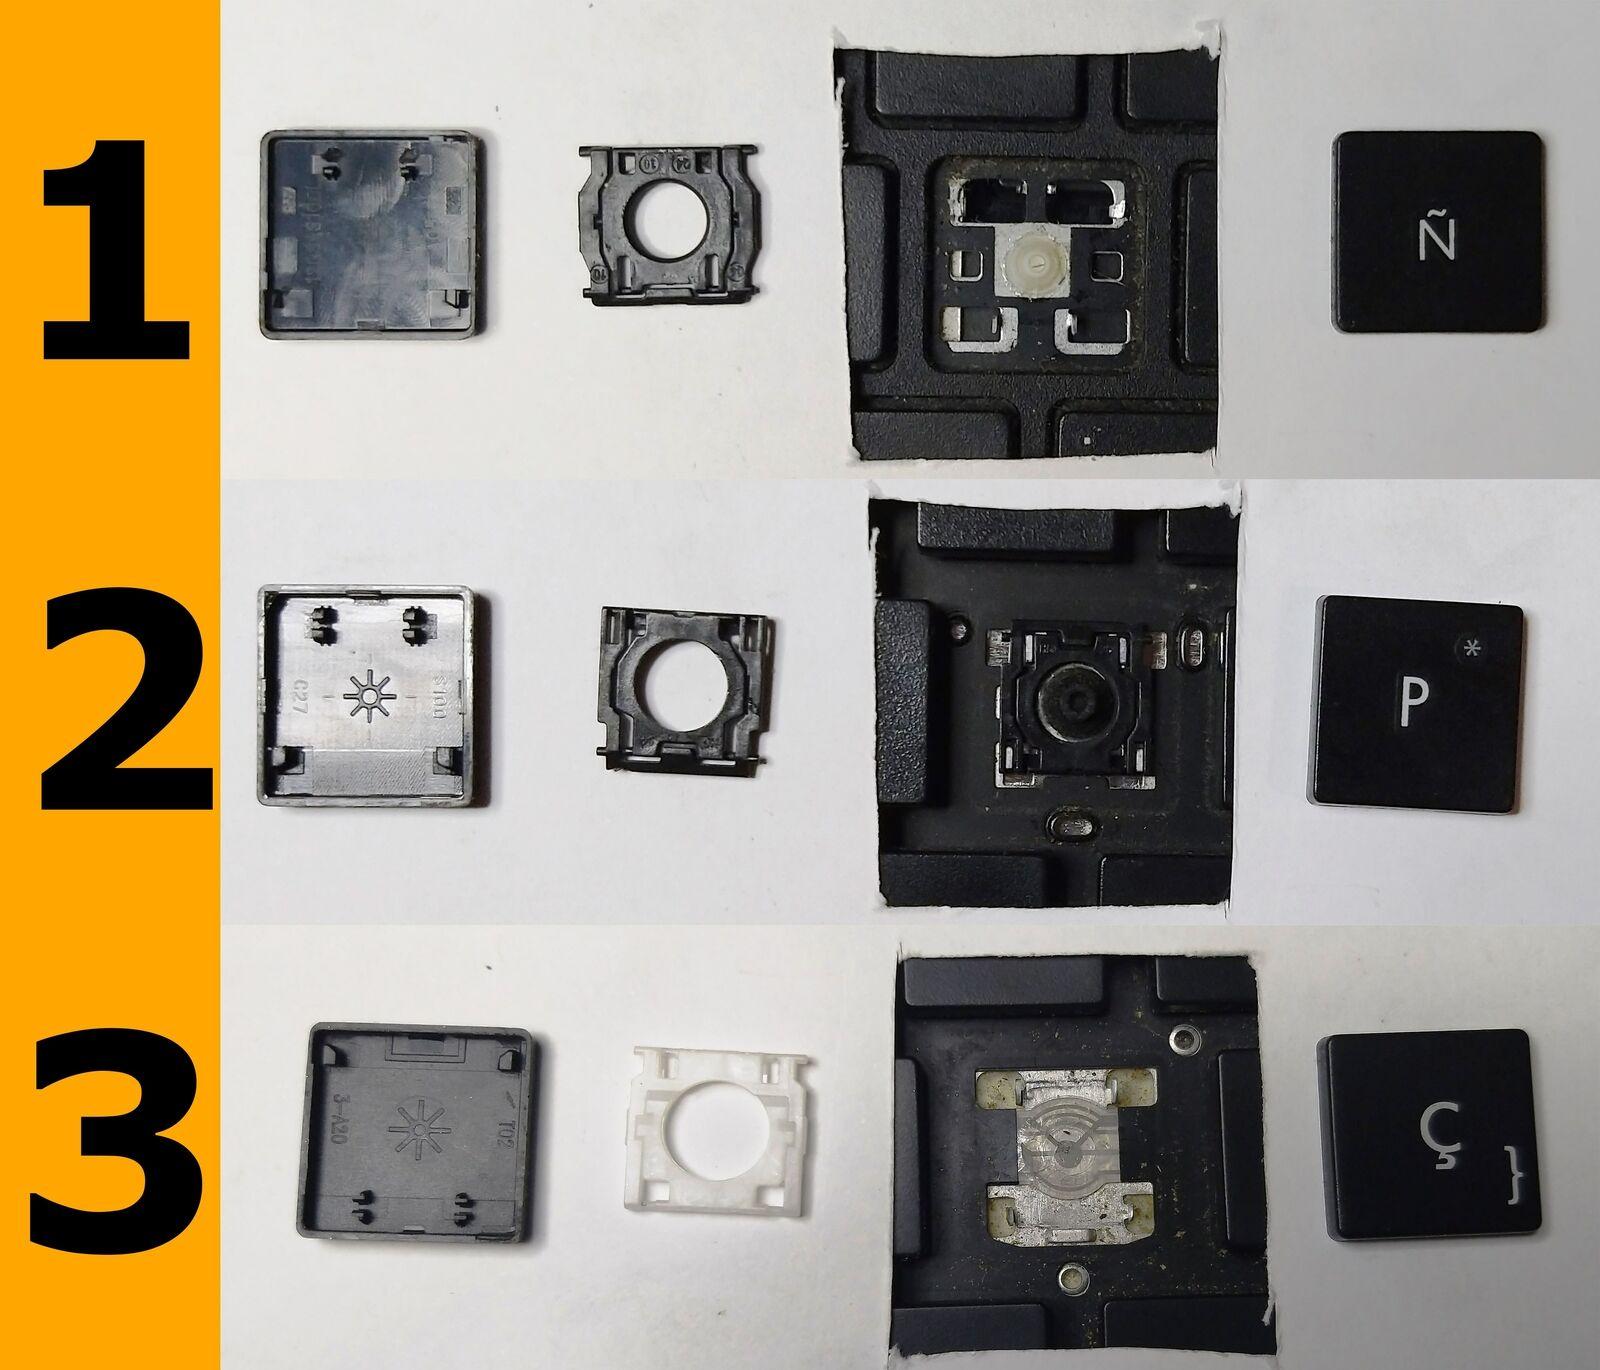 TECLA TECLAS DE TECLADO HP 13 13-A 13-A000 13-A100 13-A200 13-S 13-S000 13-S100